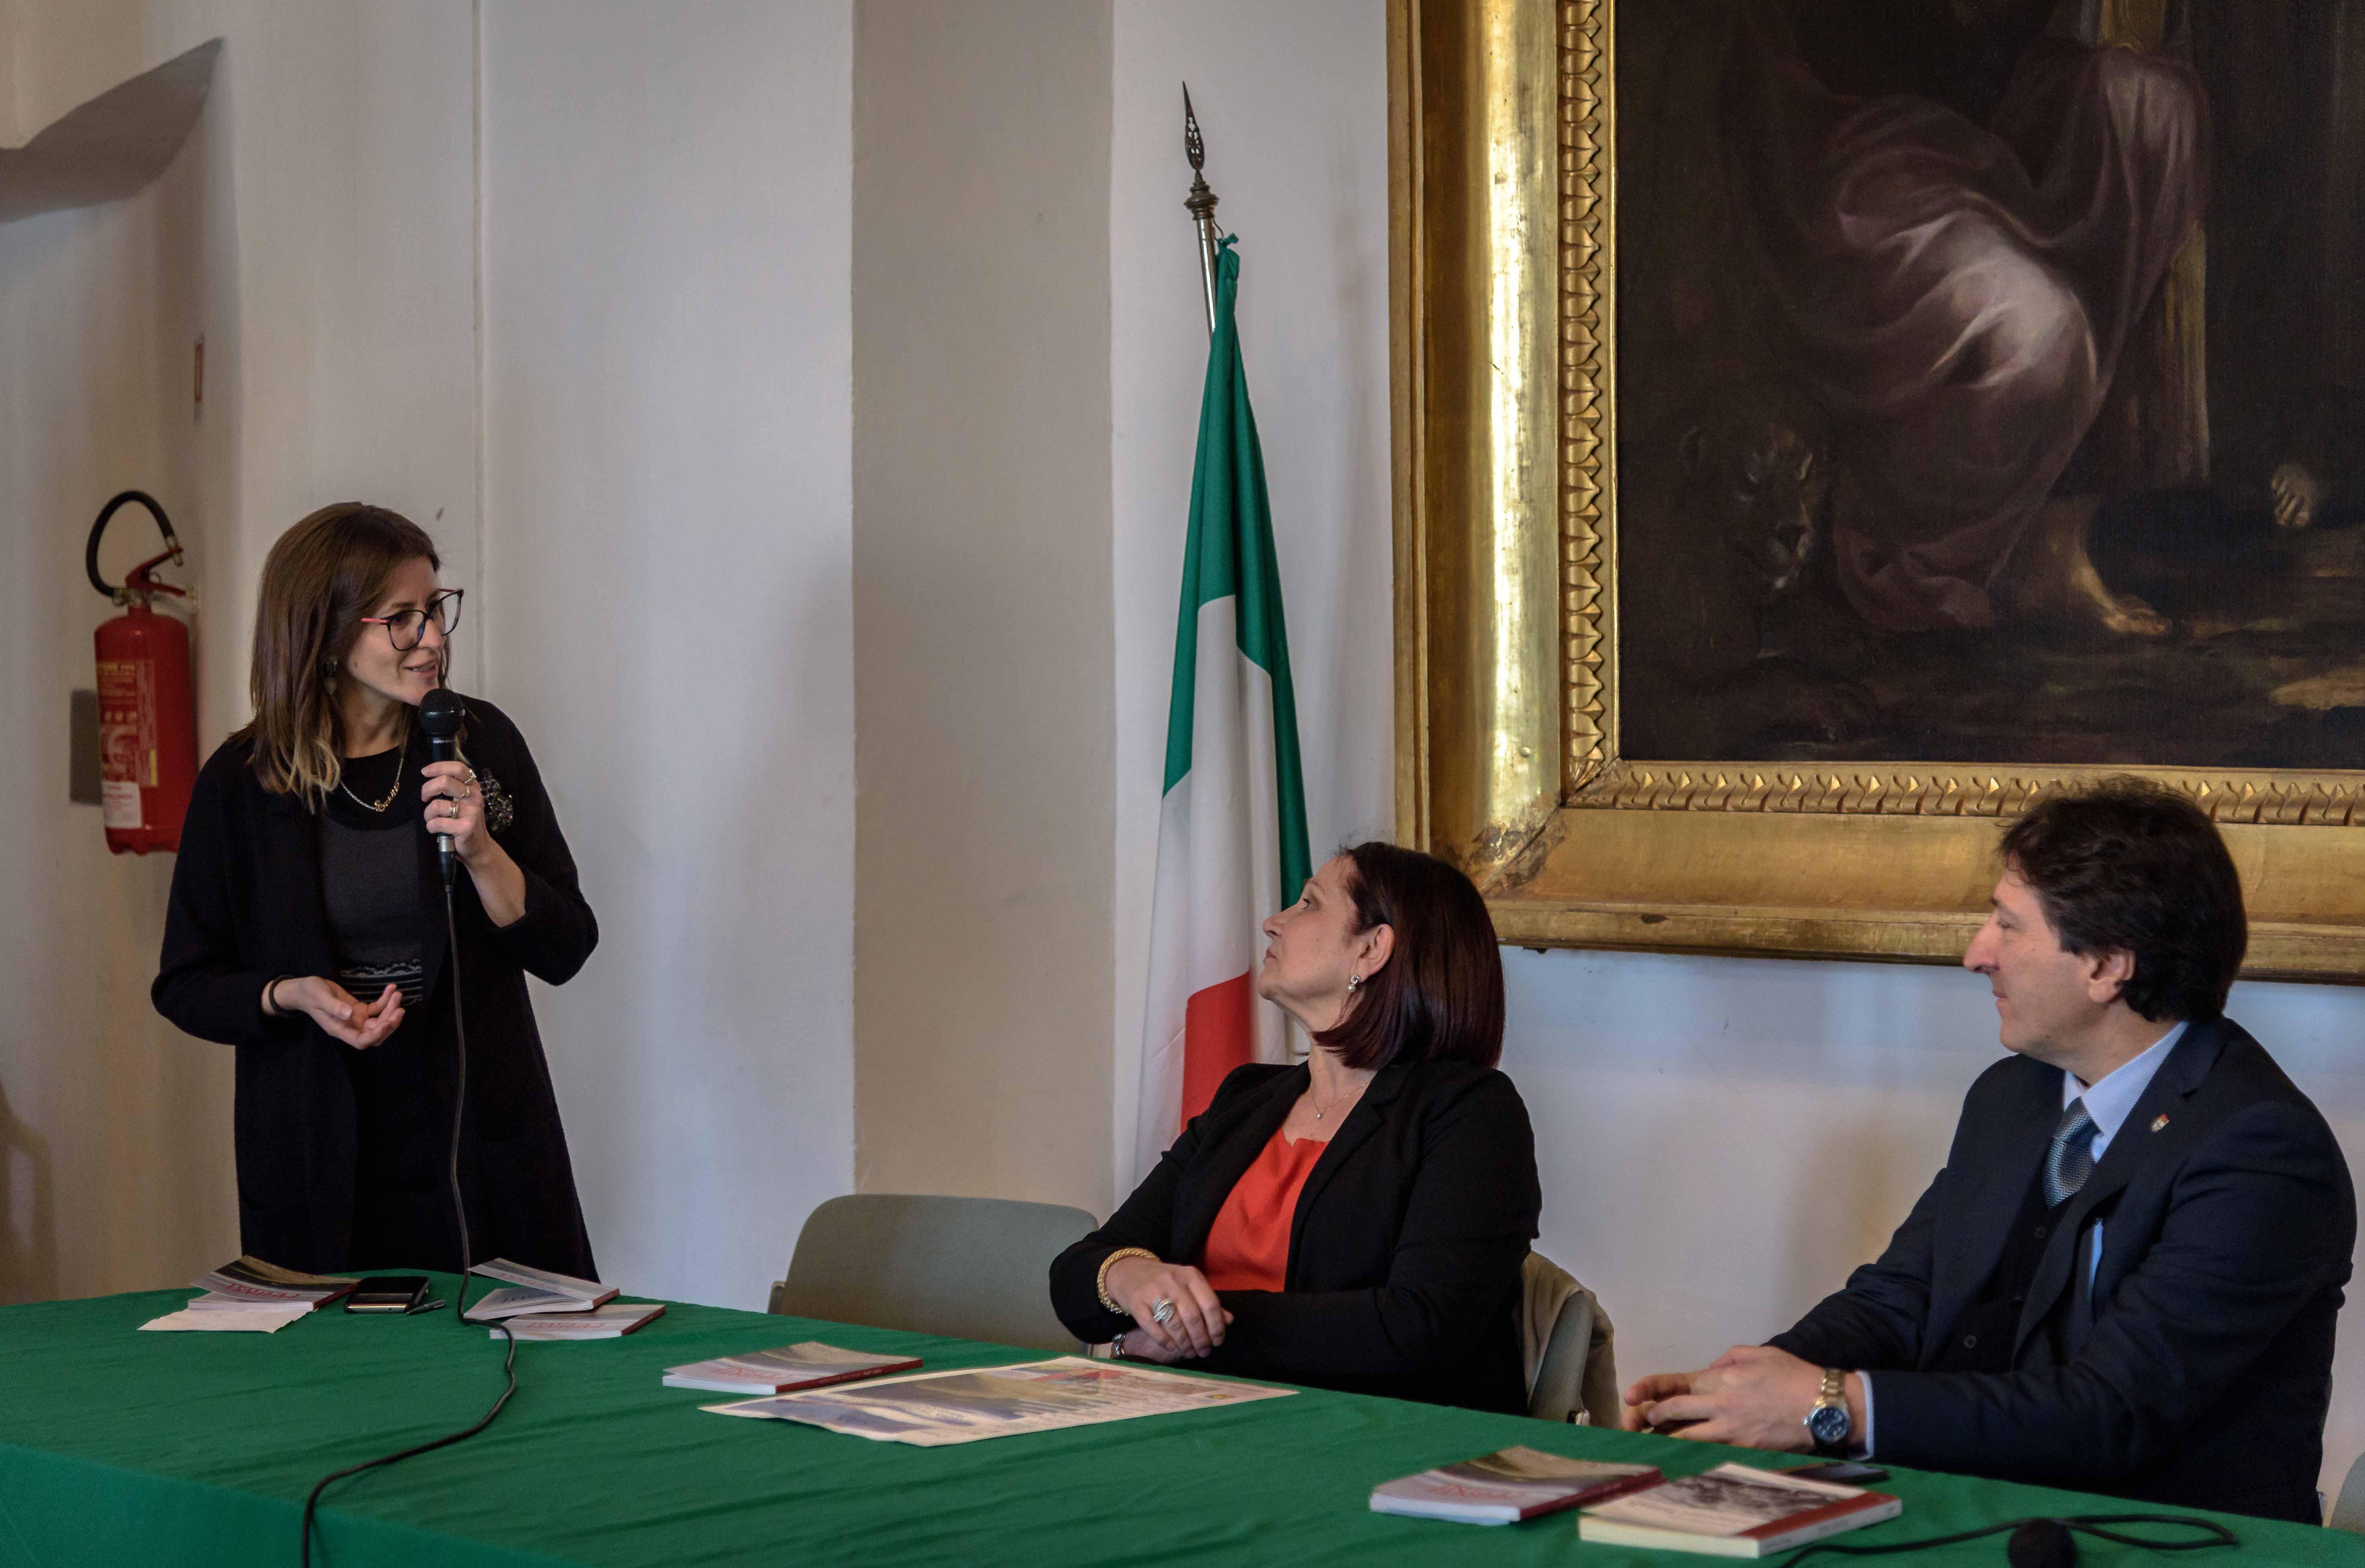 Enrica Onorati, Assessore Agricoltura promozione della filiera e della cultura del cibo ambiente e risorse naturali